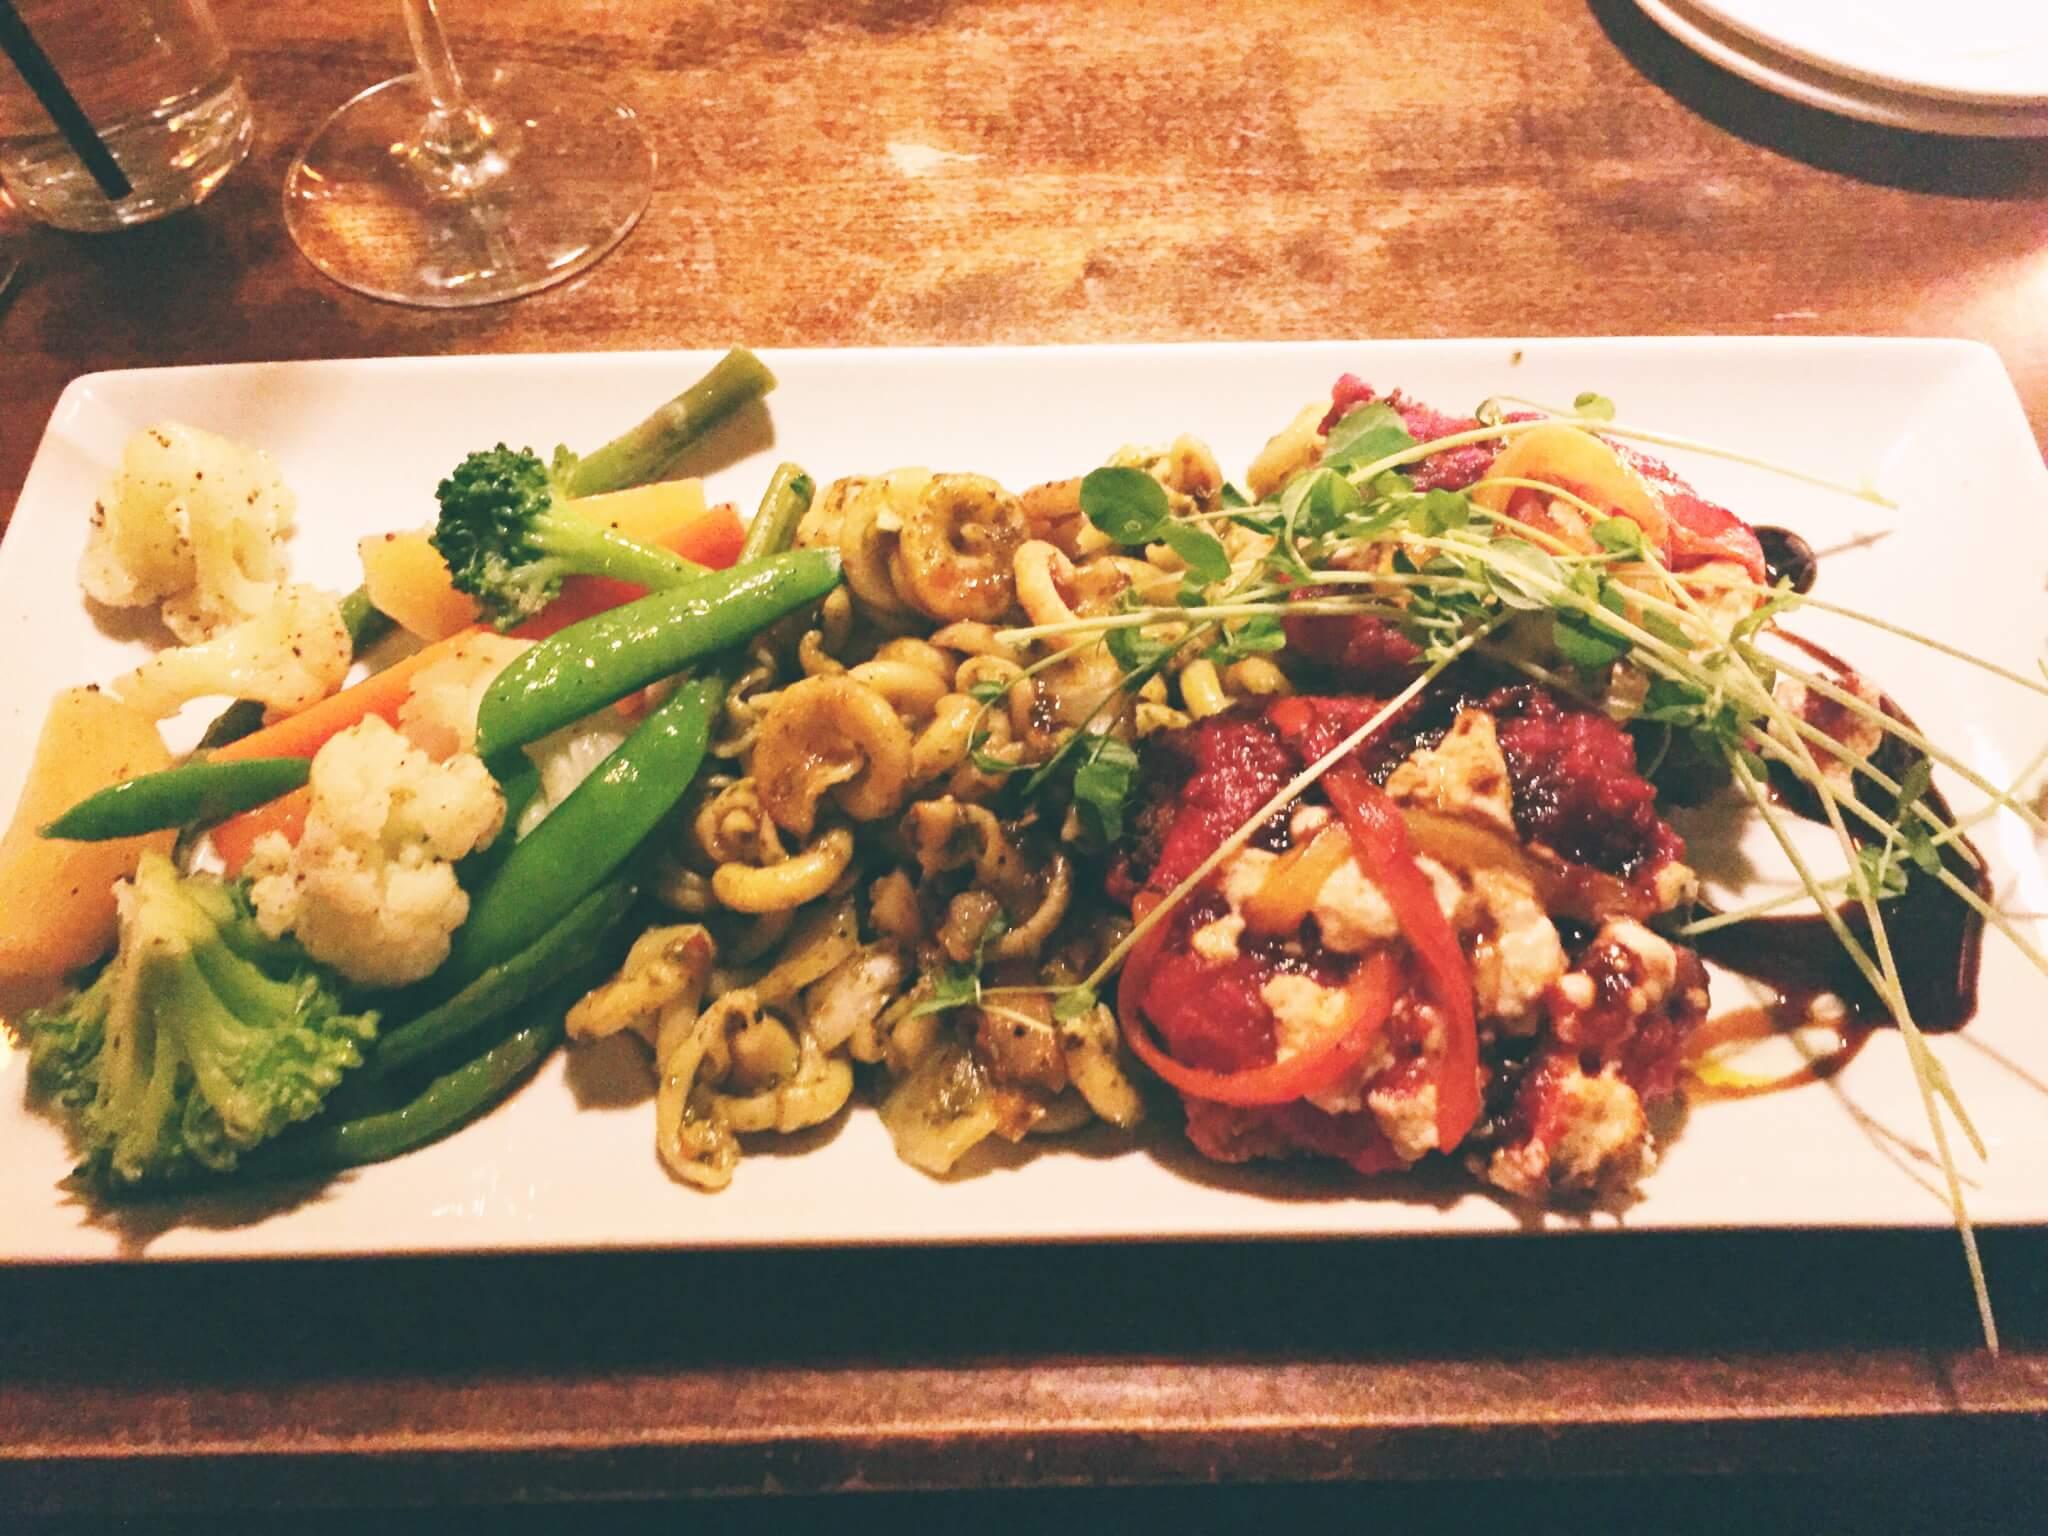 The Best Vegetarian and Vegan Food in Kelowna, BC